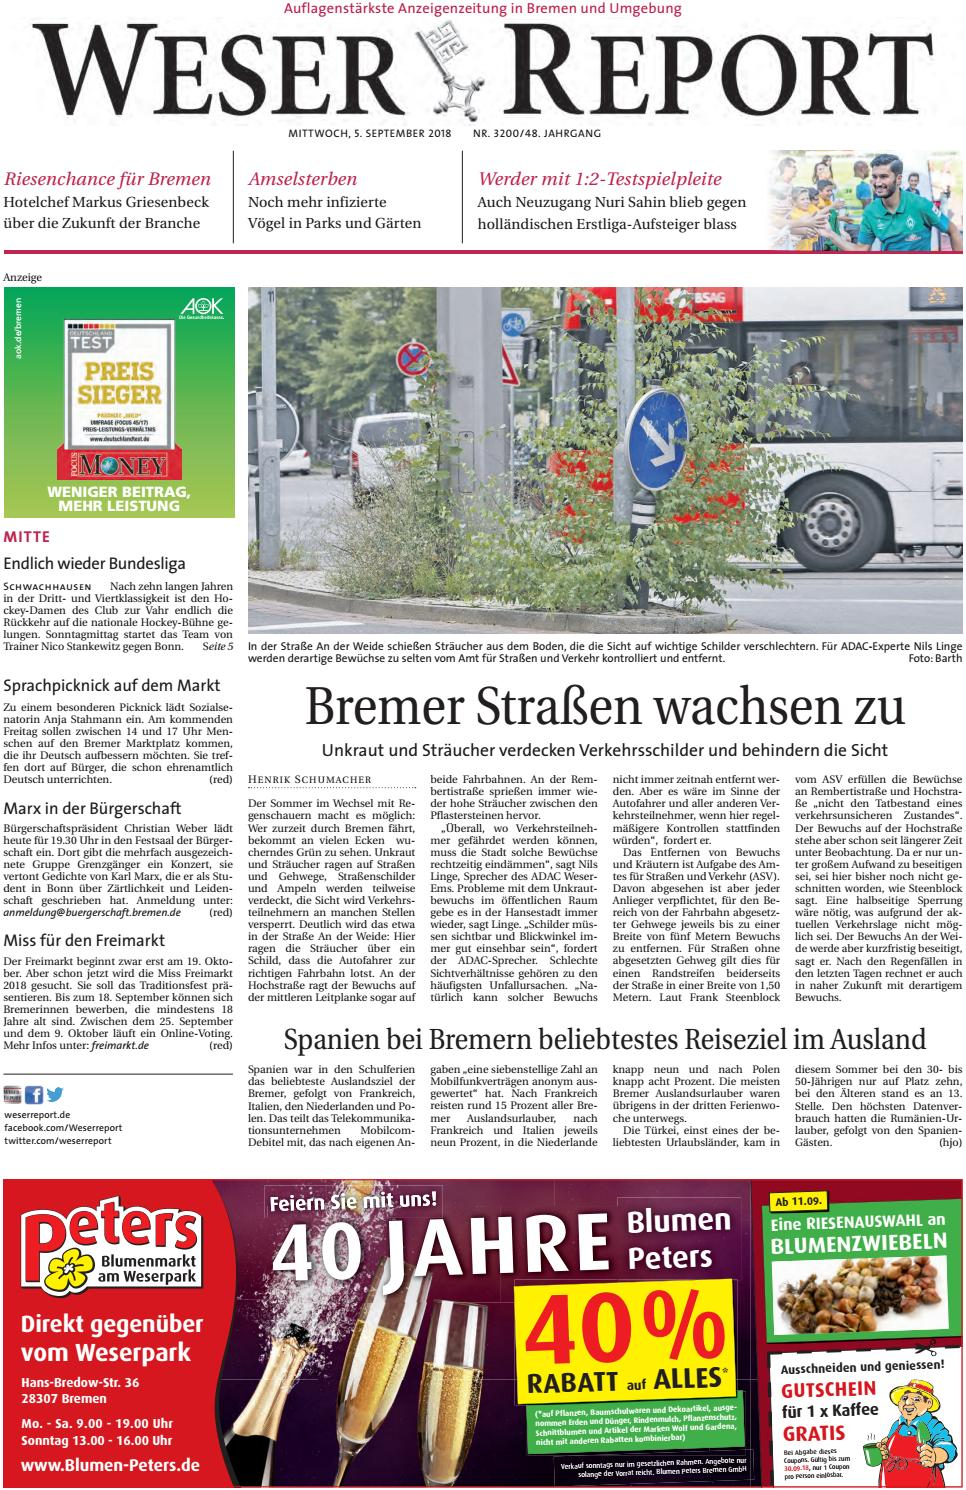 Weser Report - Mitte vom 05.09.2018 by KPS Verlagsgesellschaft mbH ...